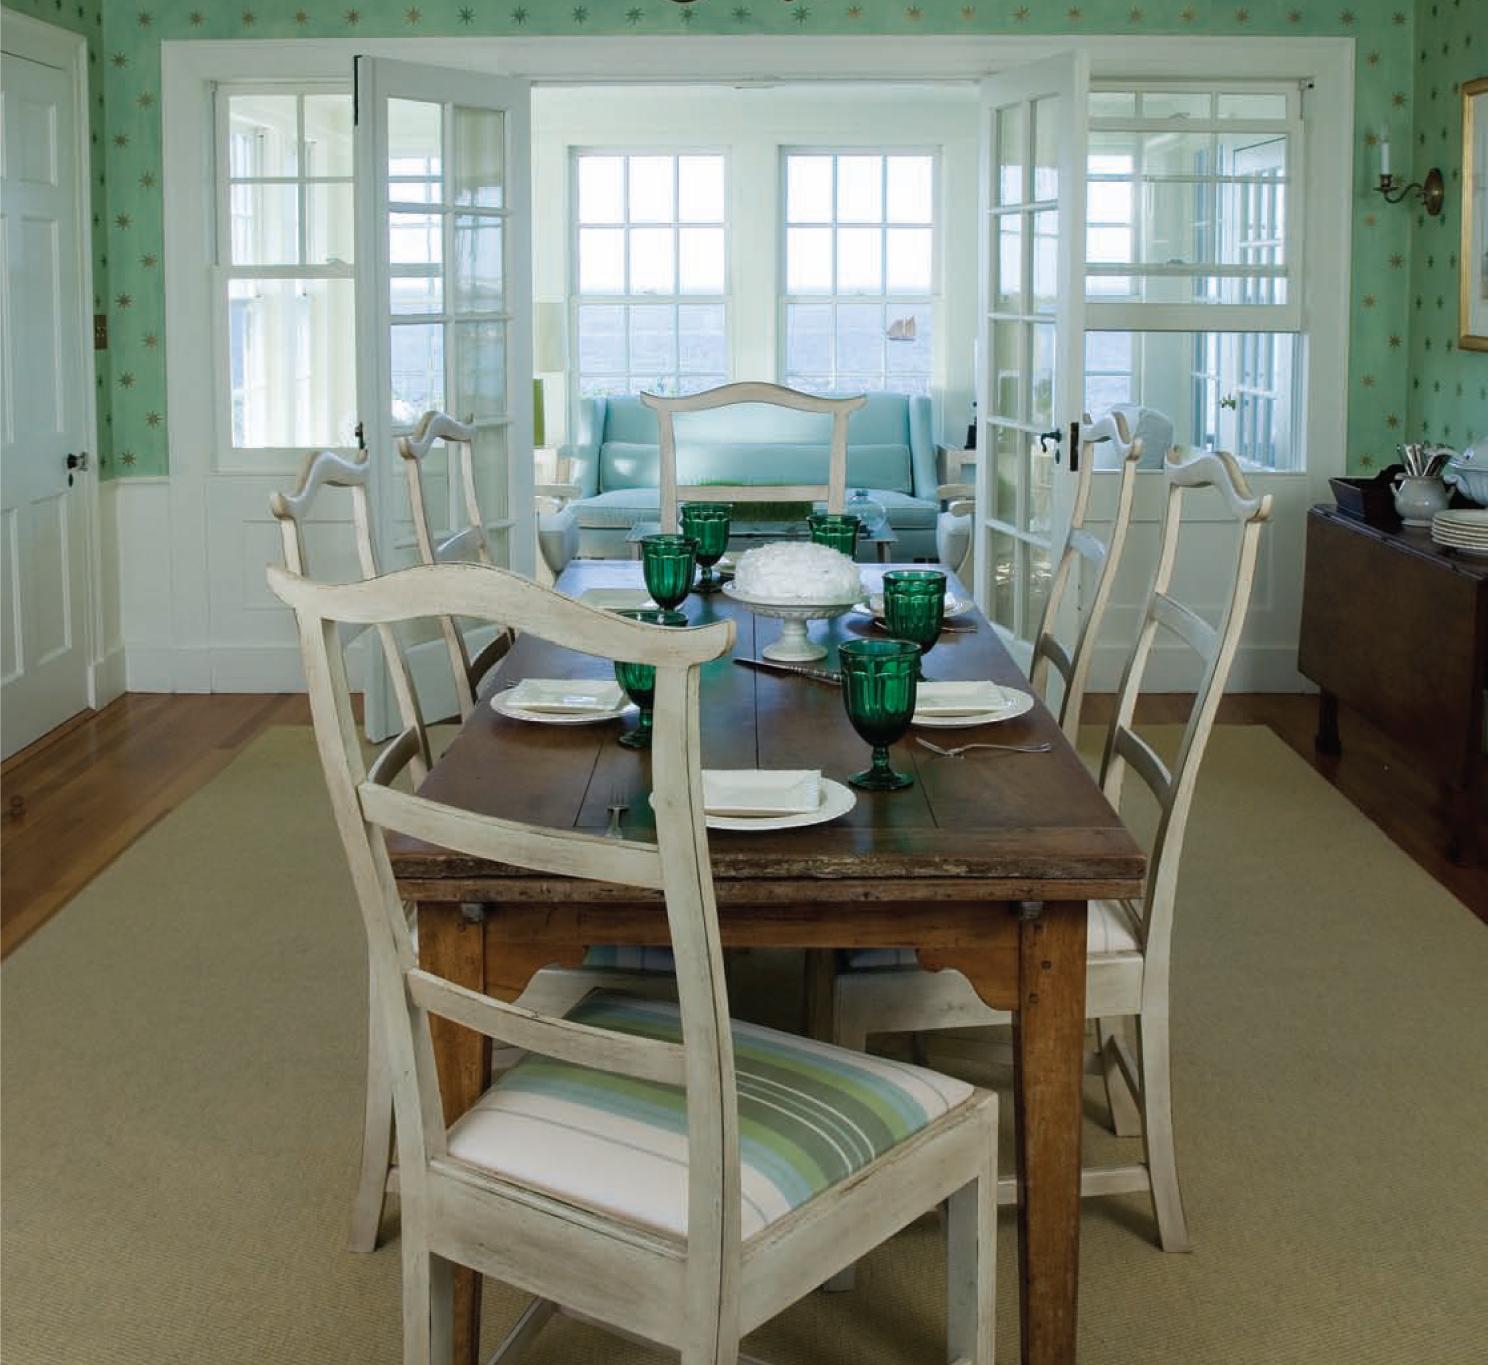 Maine Home & Design  via Simply Home